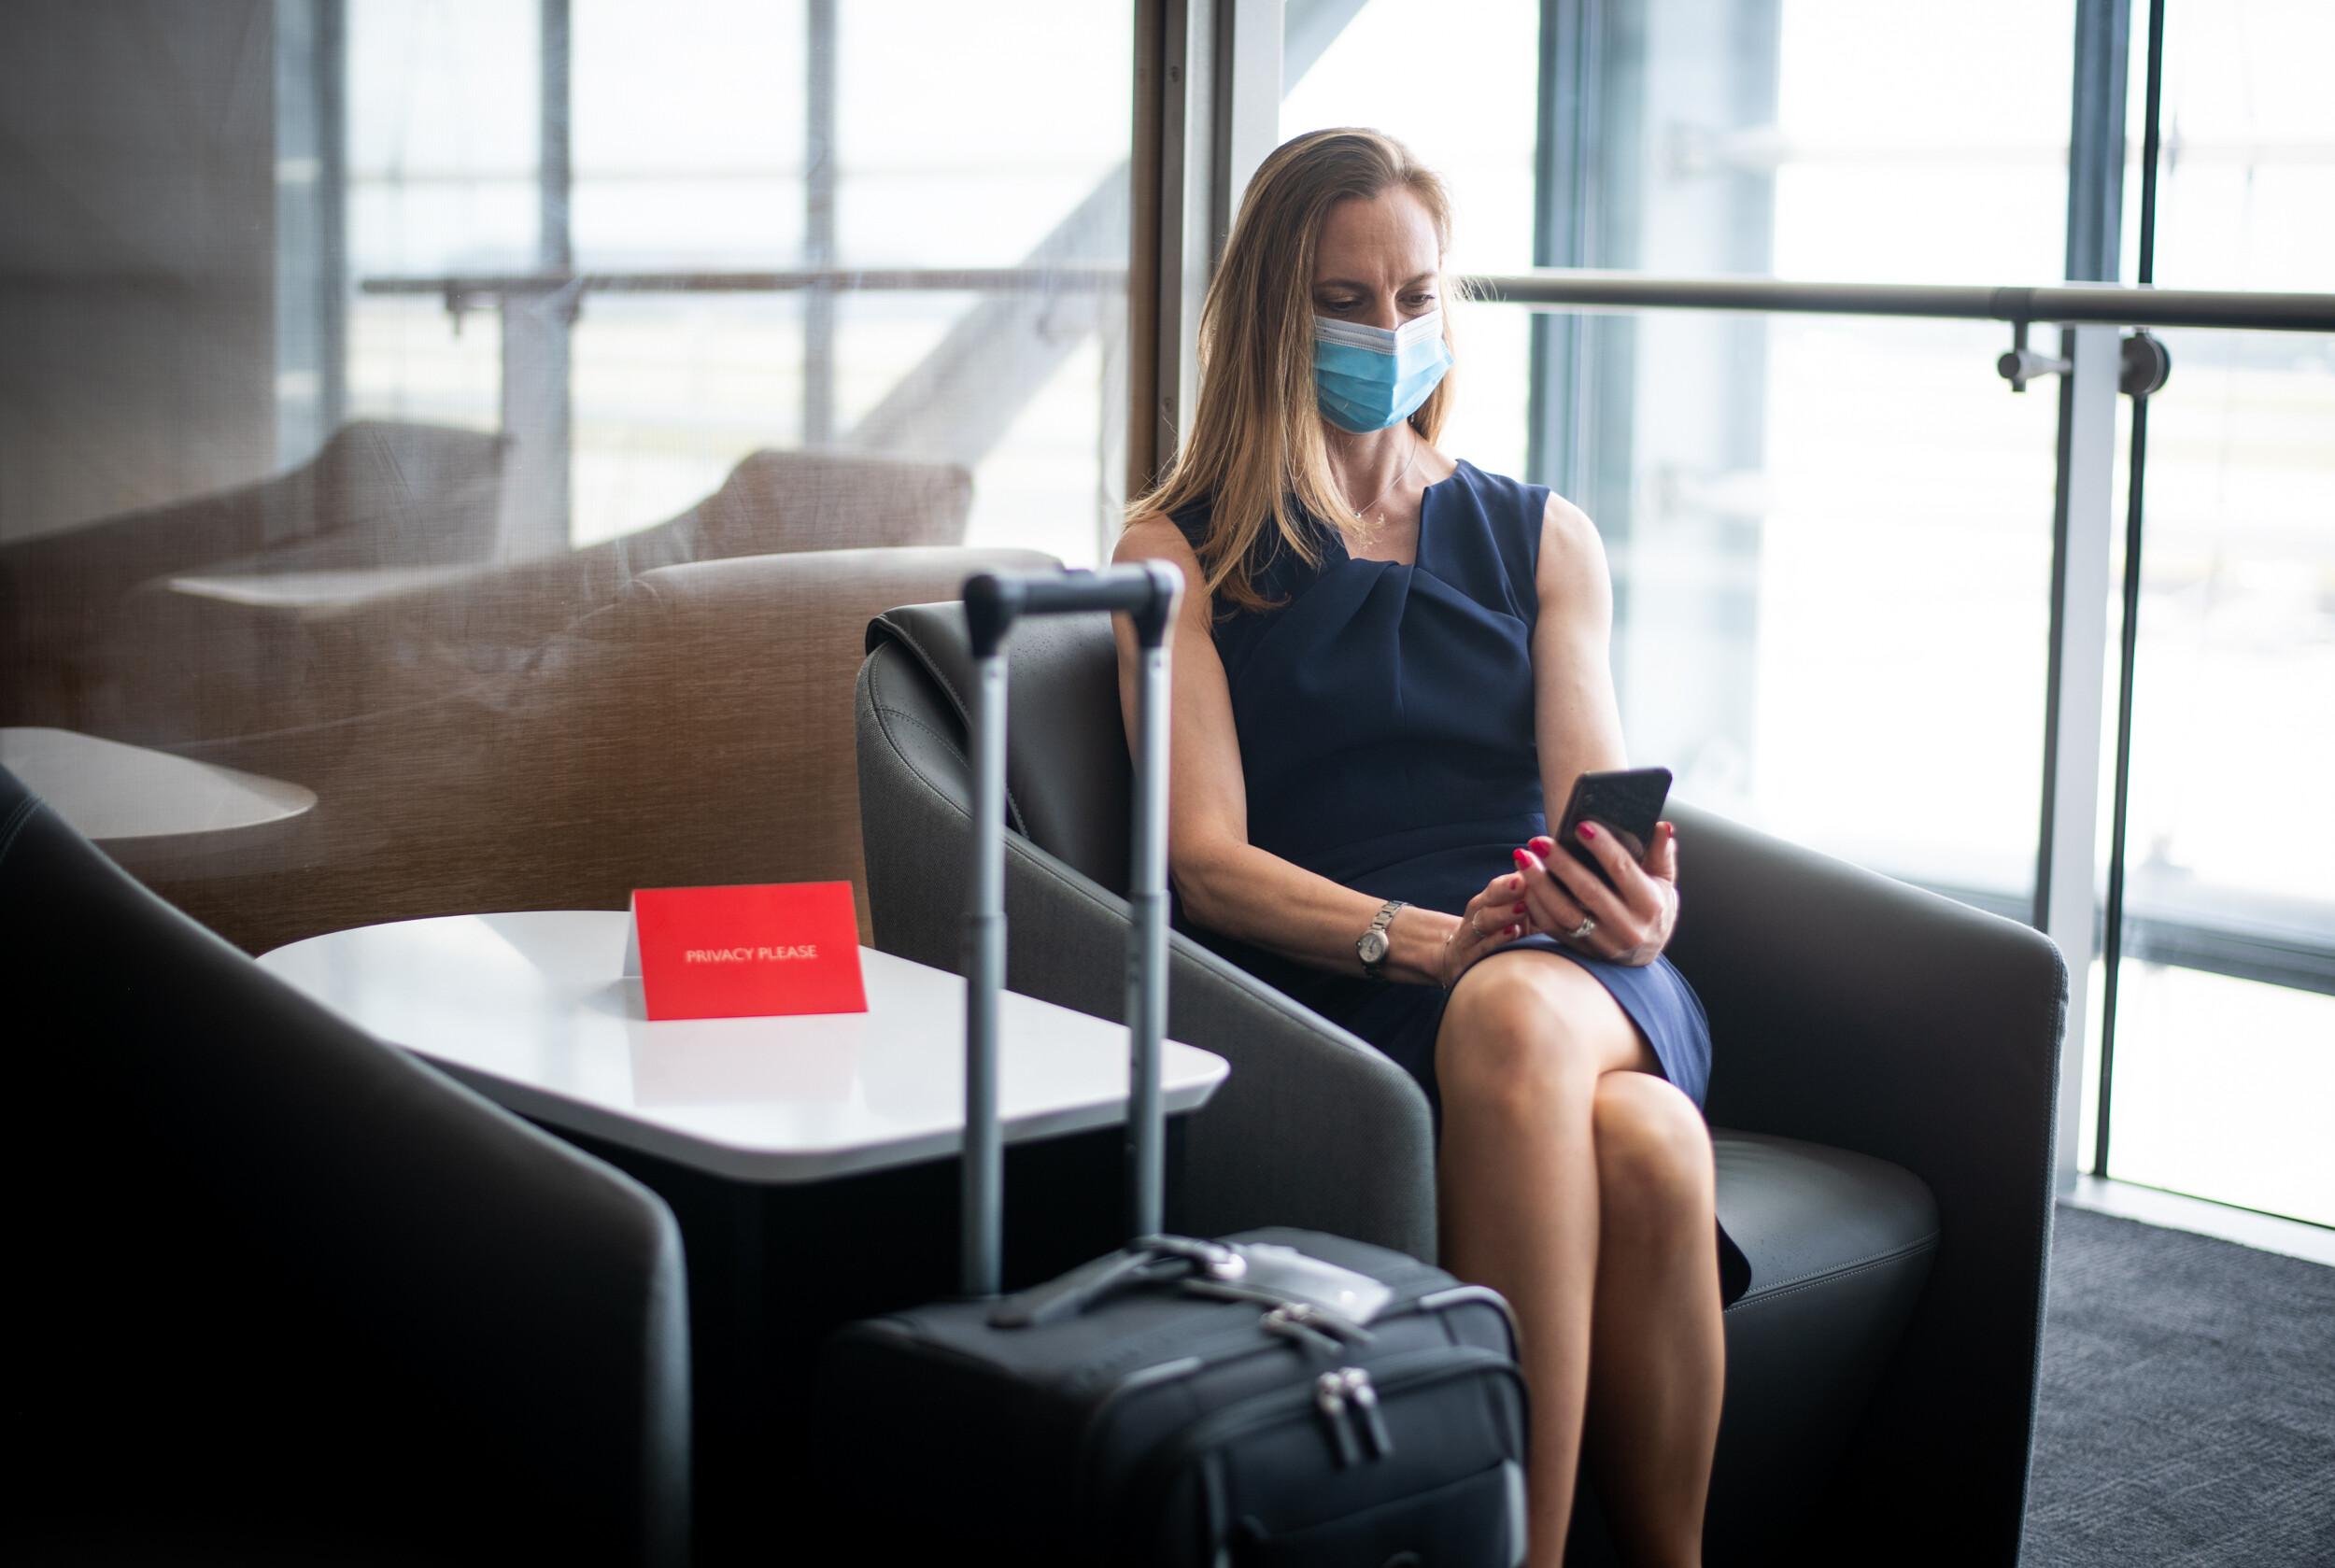 Stadig flere lande kommer længere med færdigvaccineringer, hvilket igen åbner for mulighed for ferierejser til udlandet. Arkivpressefoto fra British Airways.